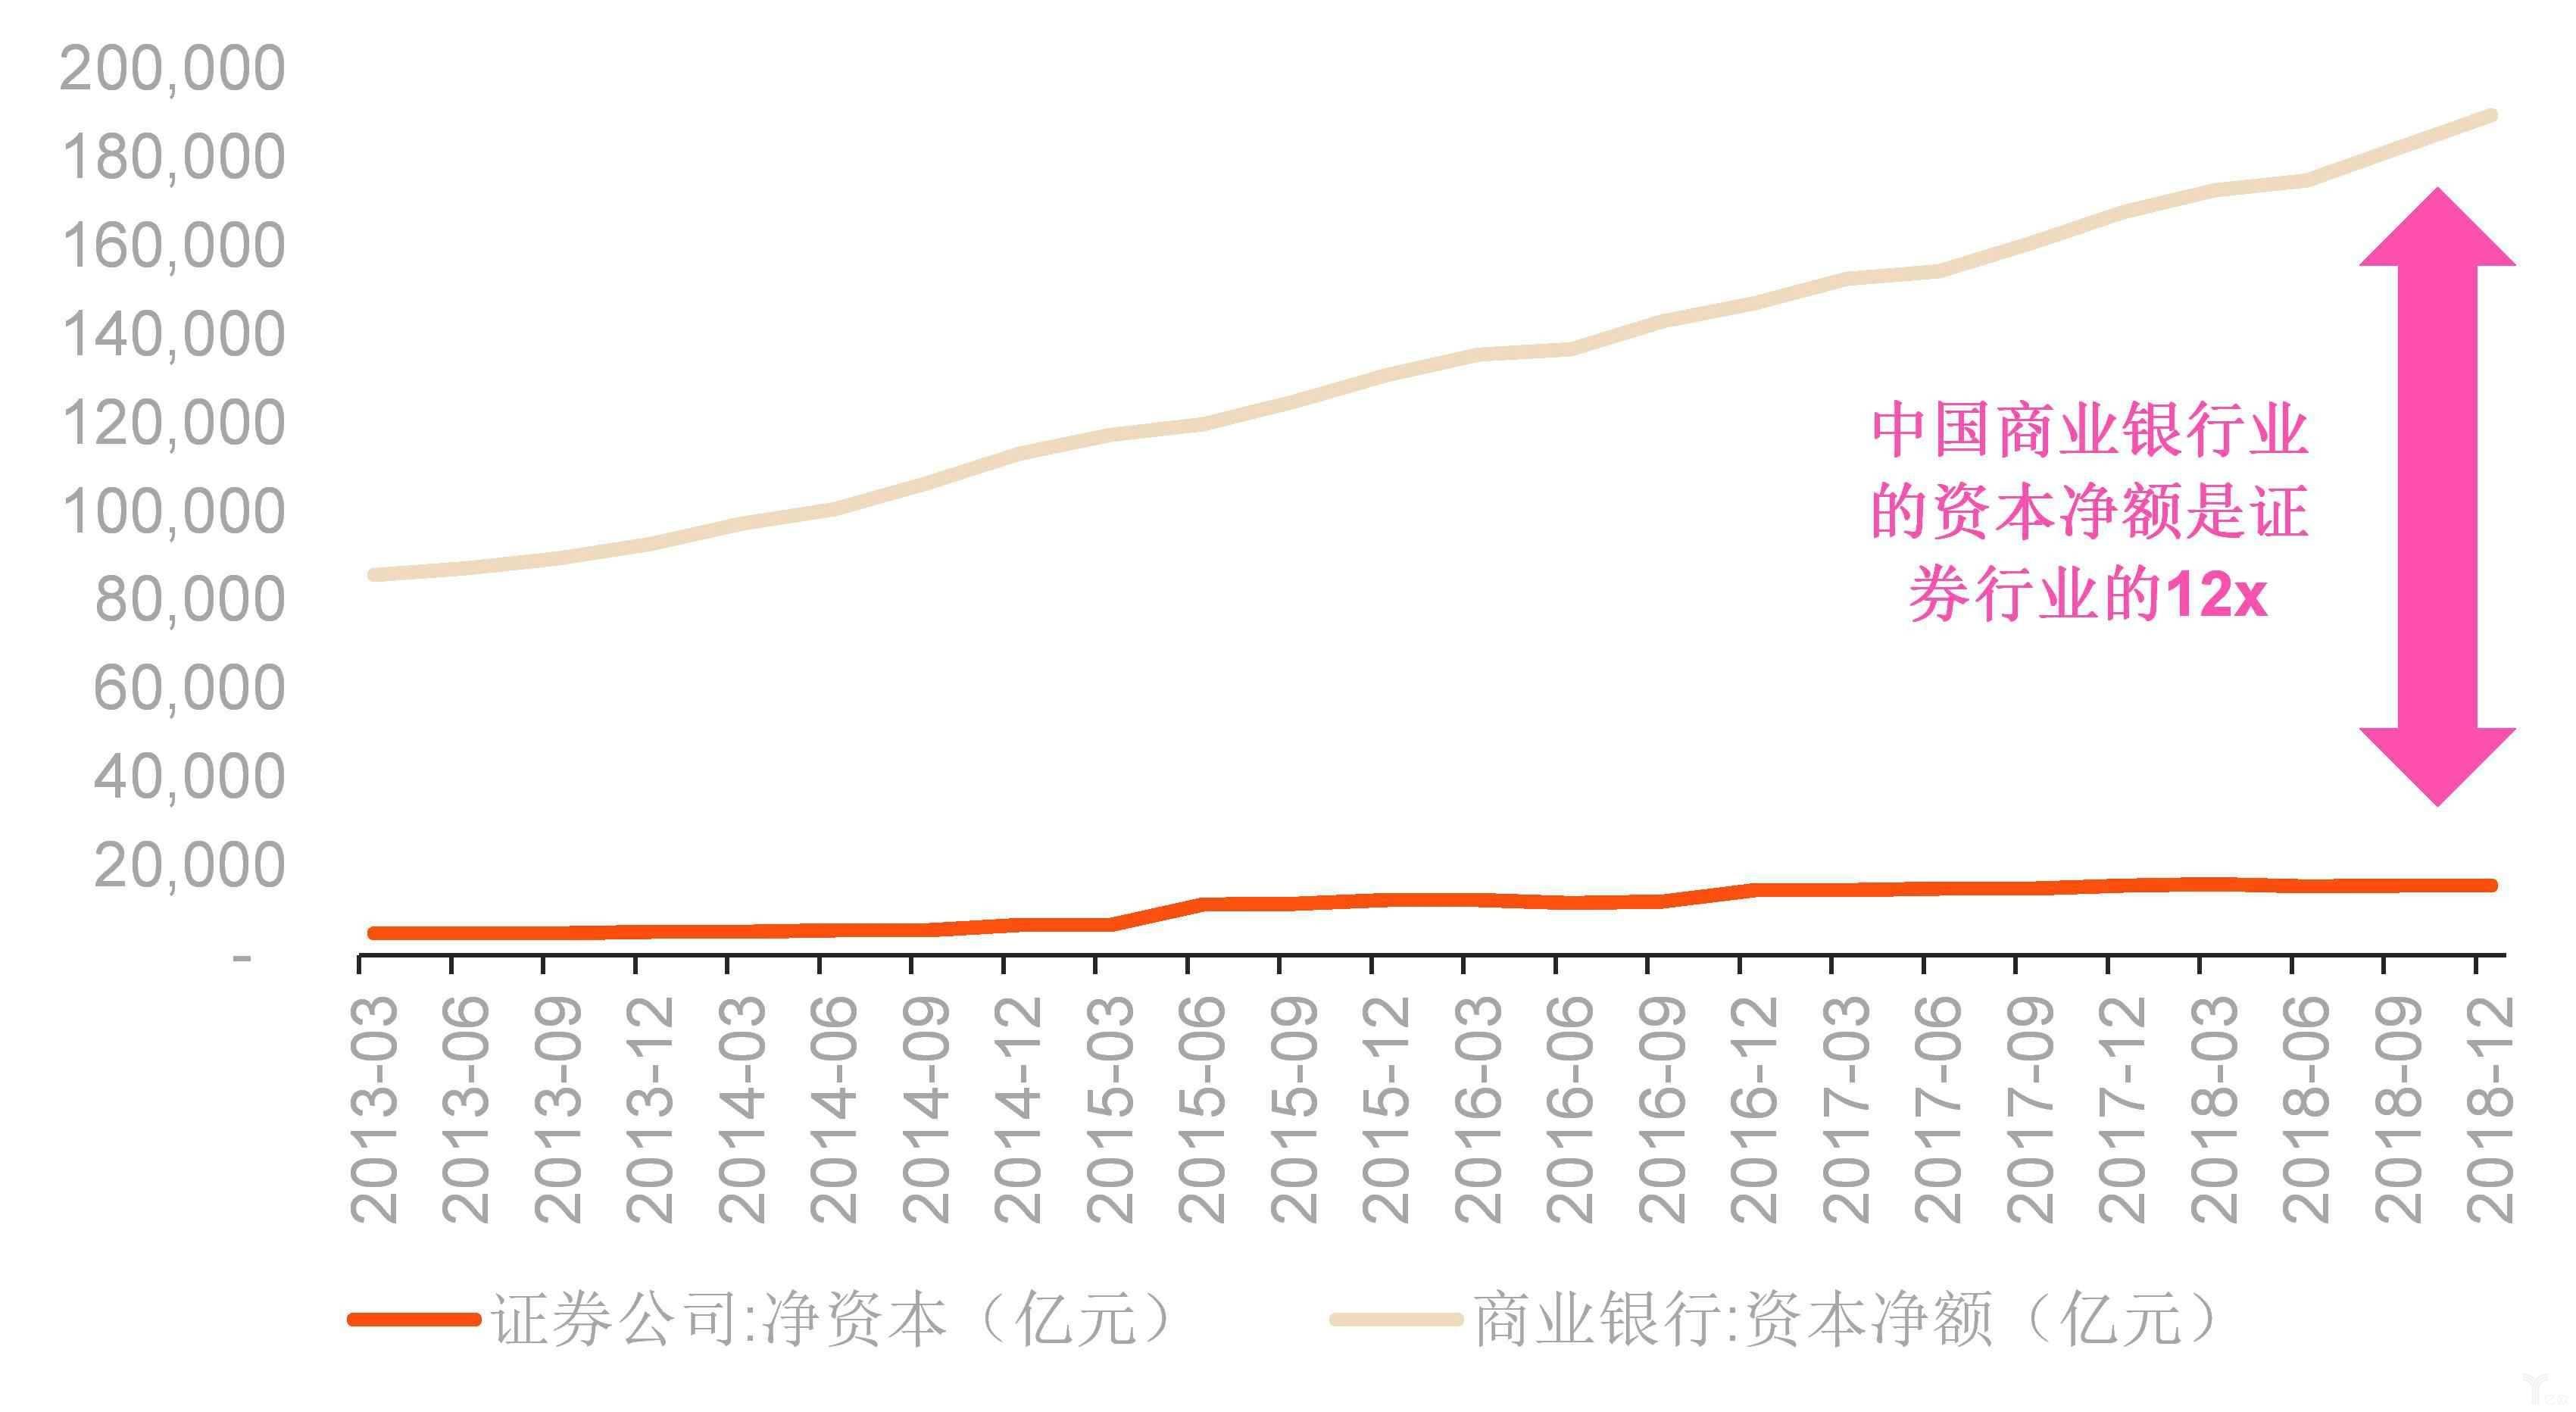 中国银行业资本净额与证券业资本净额对比